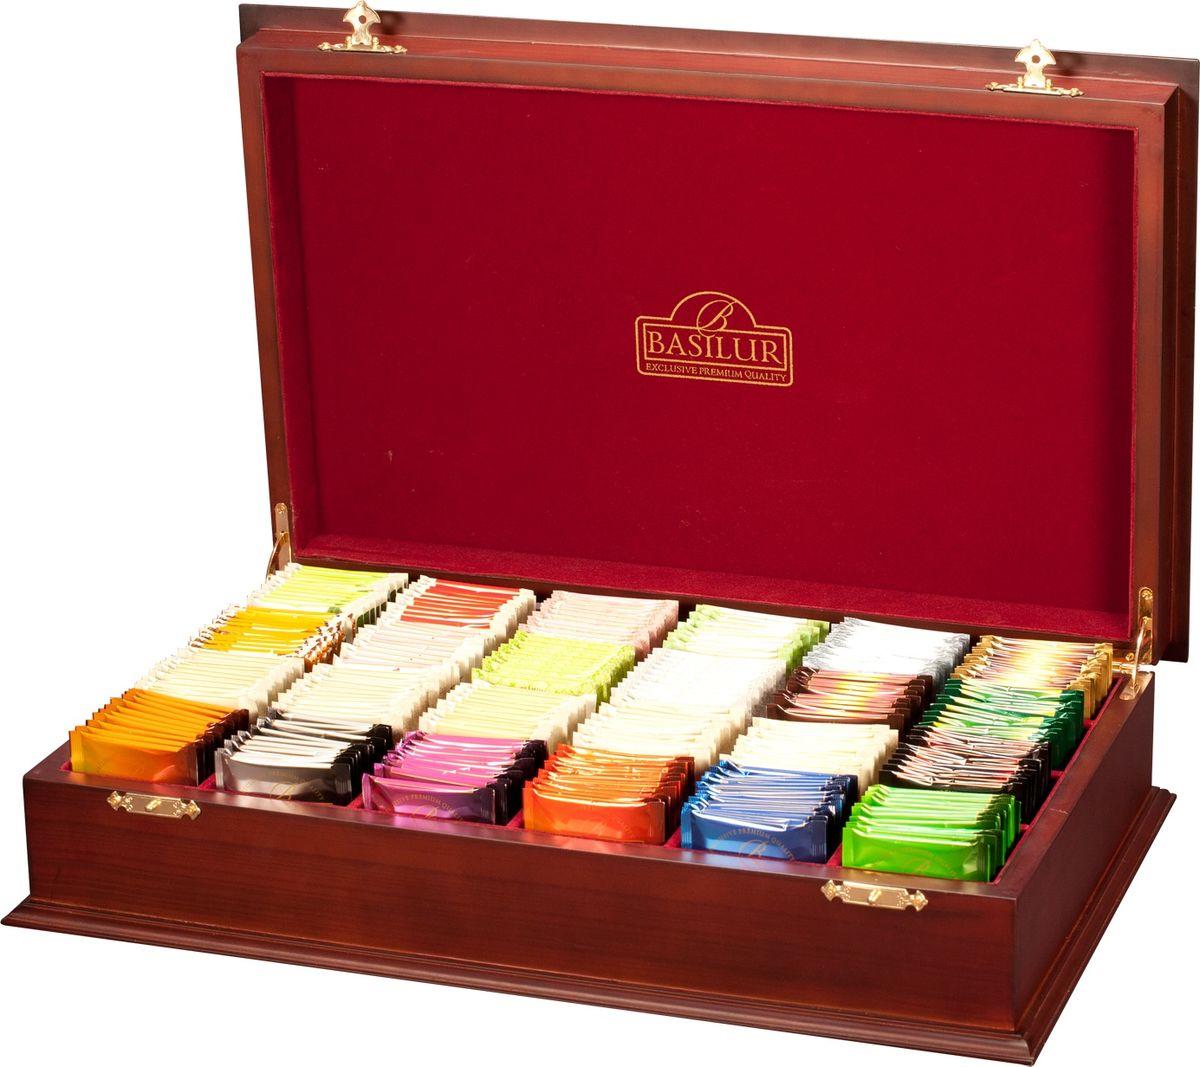 Basilur Wooden Presenter набор чая в пакетиках в шкатулке, 240 шт (24 вида) basilur чайный набор букет белое волшебство